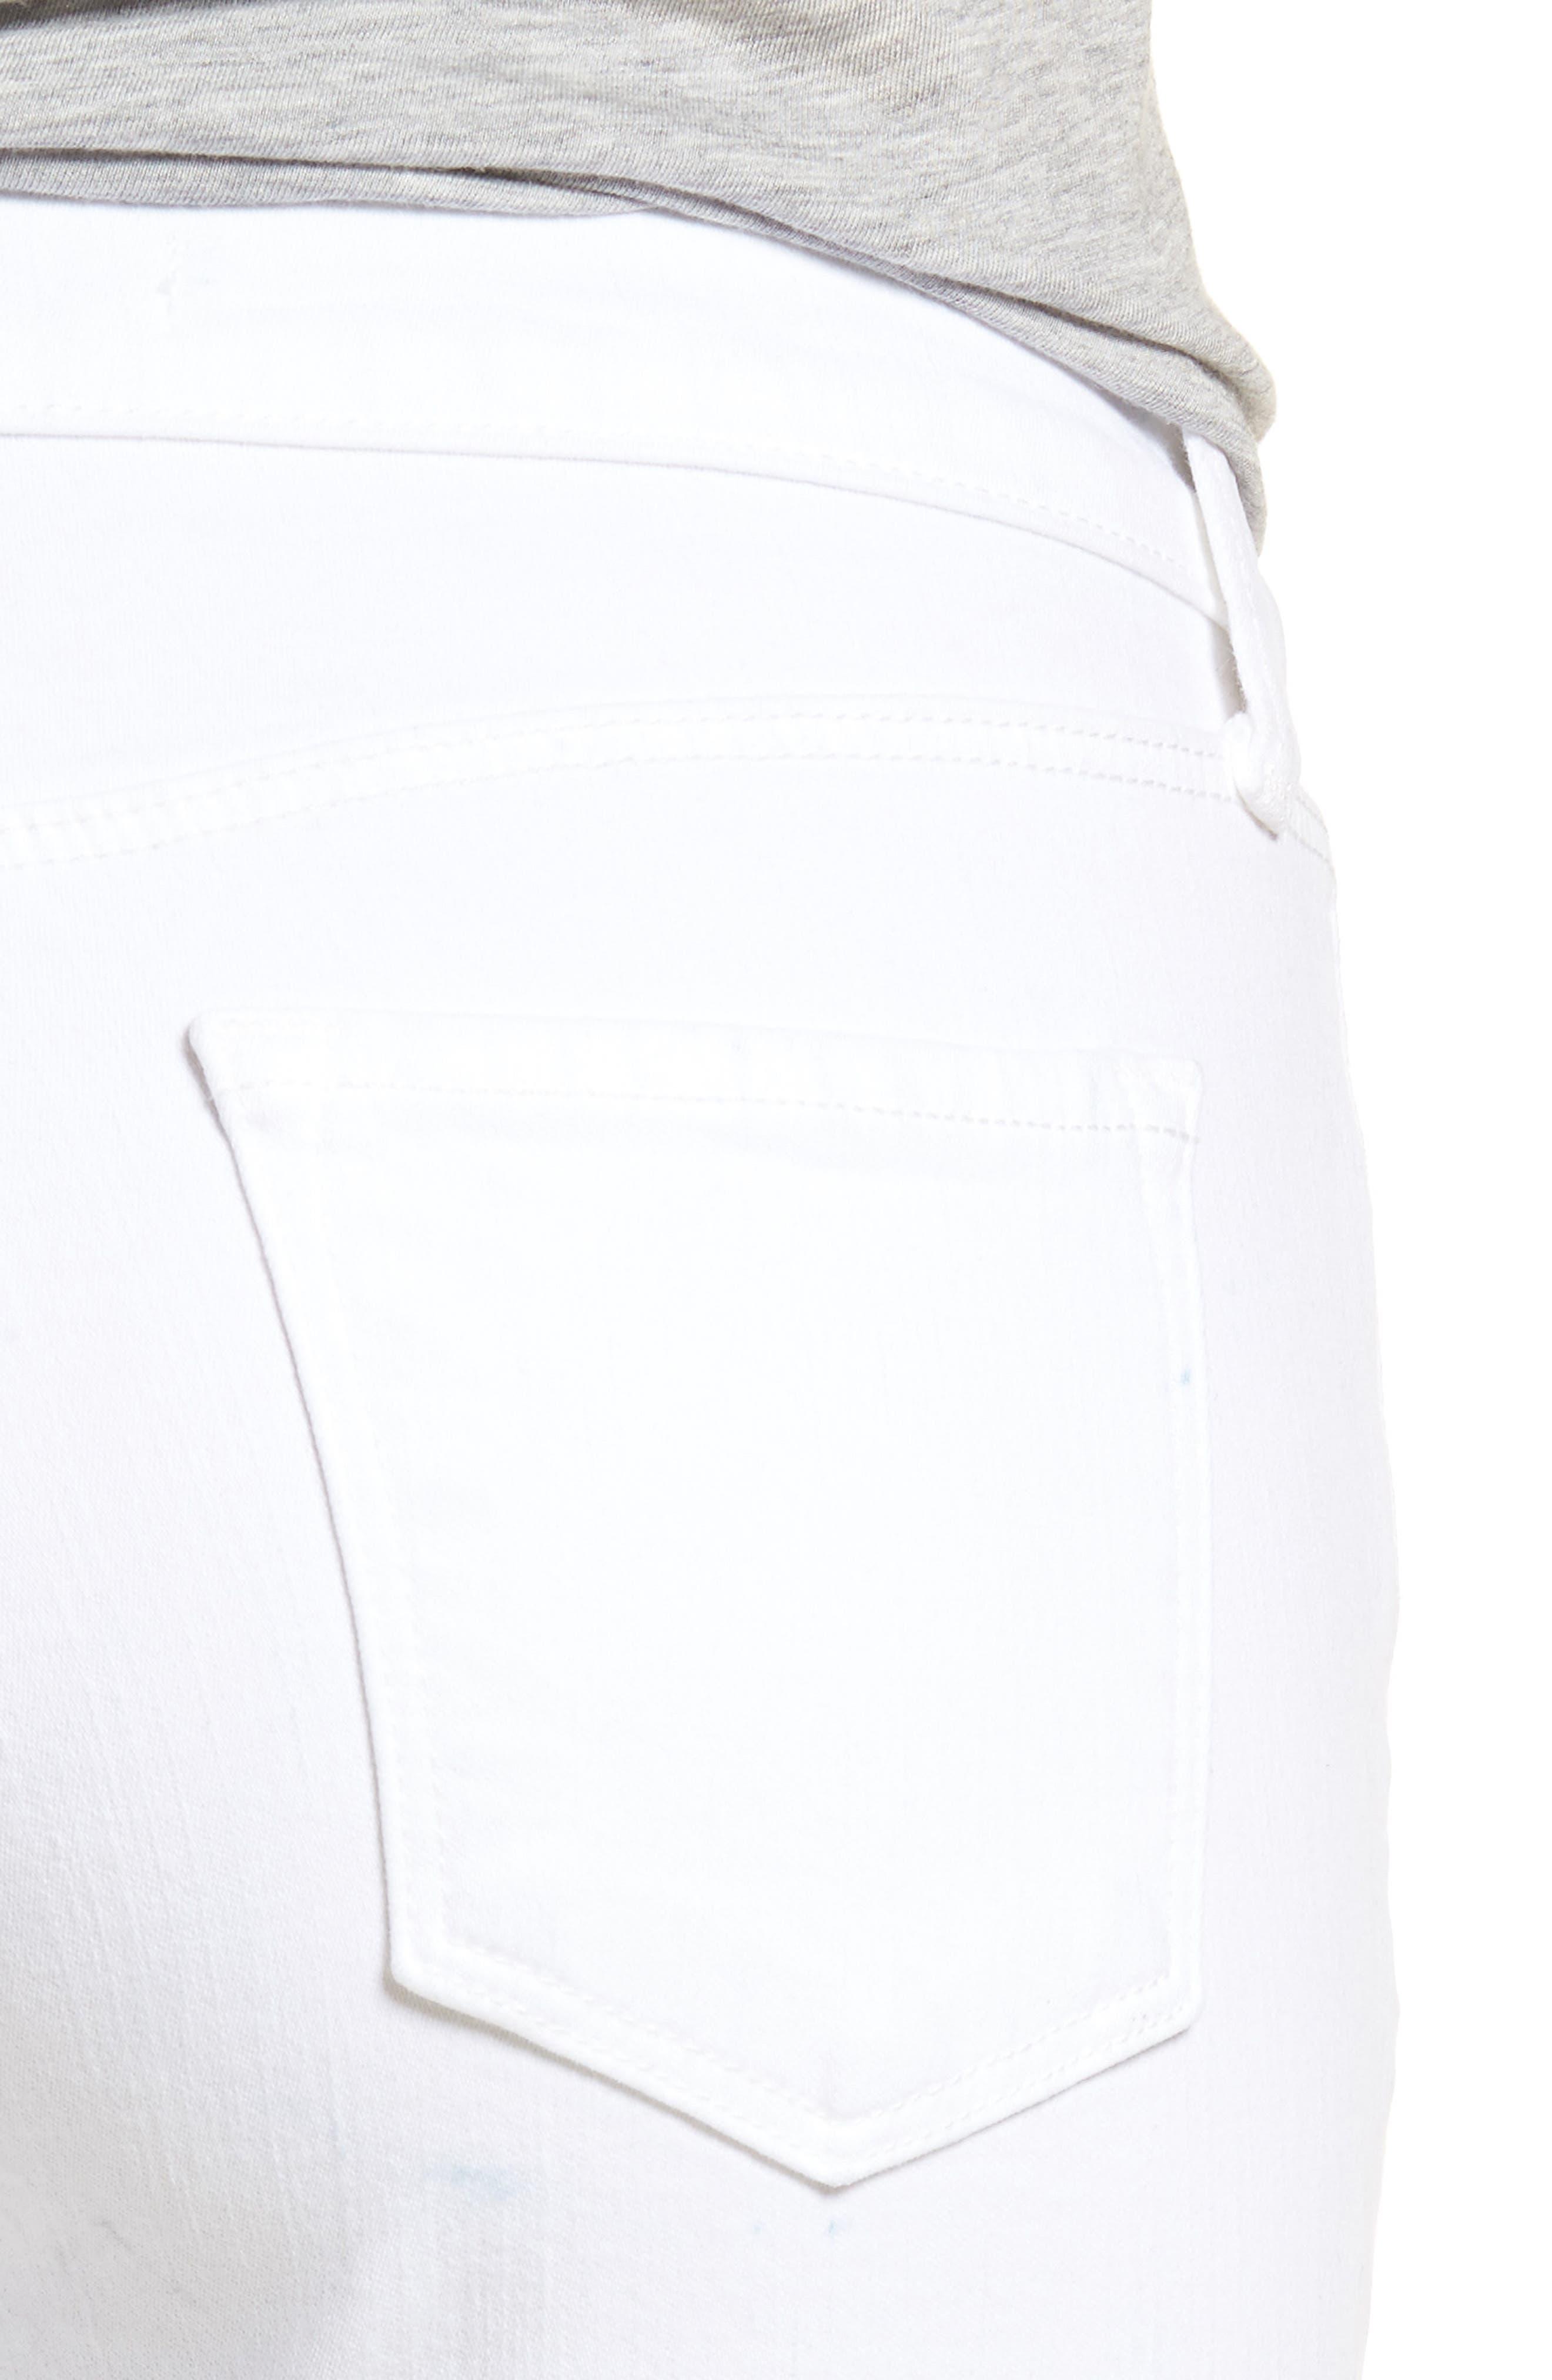 J BRAND, Mid-Rise Capri Skinny Jeans, Alternate thumbnail 5, color, 101